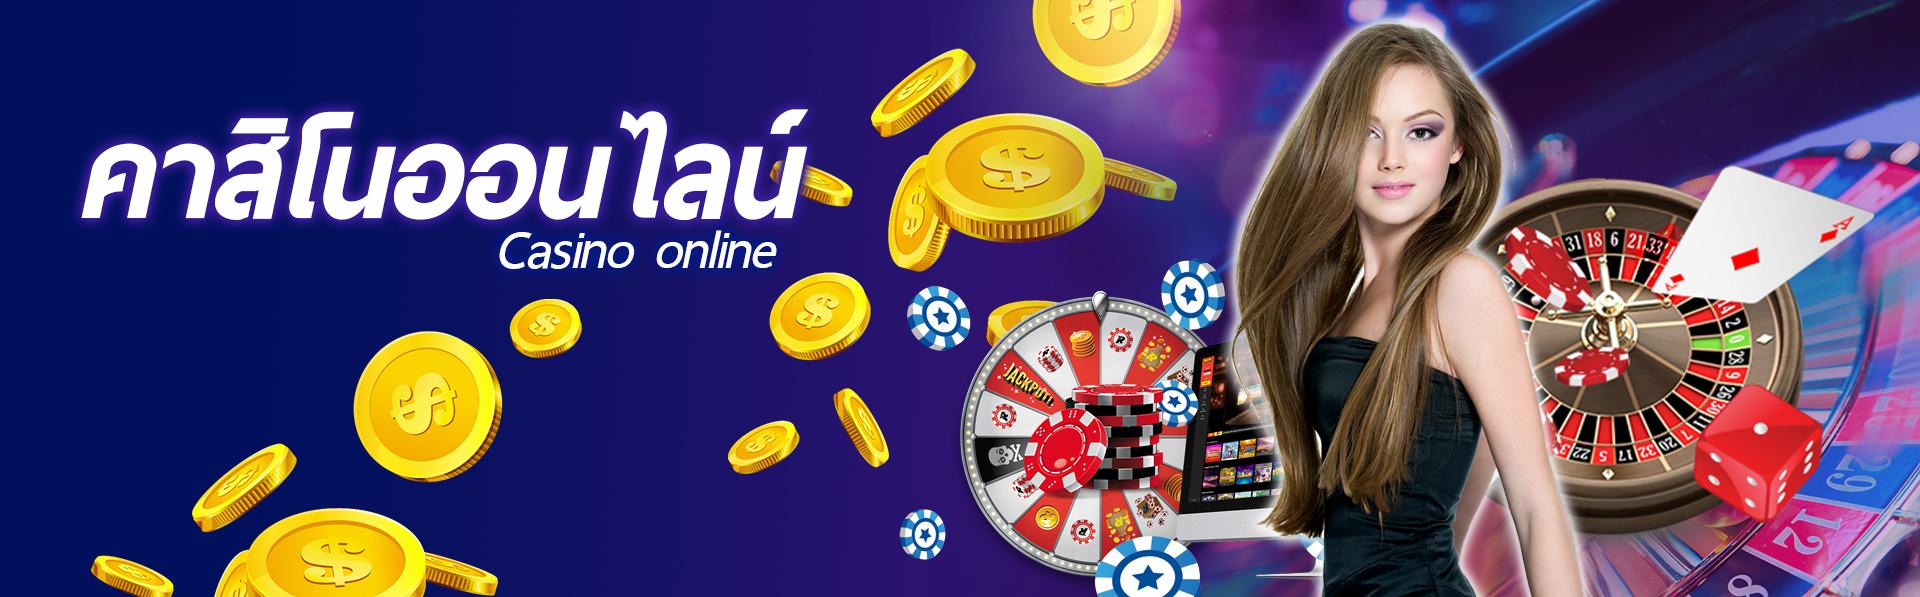 casino คาสิโนออนไลน์